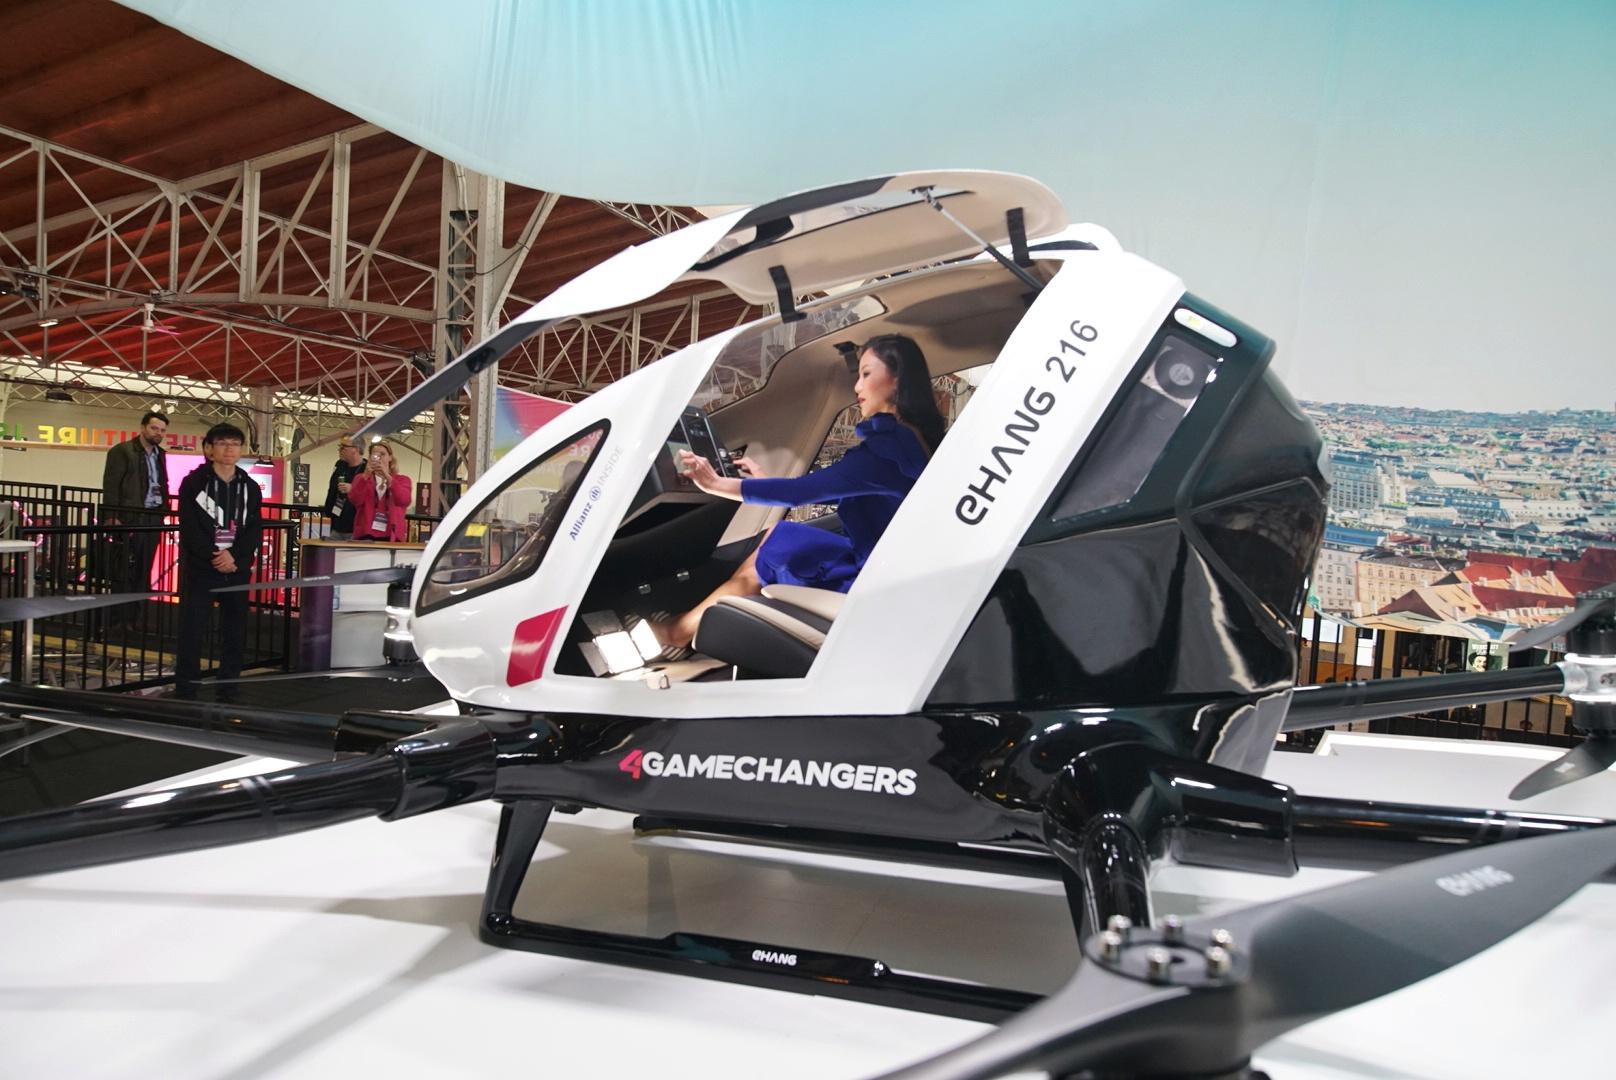 渋滞解消に新提案 中国の「空飛ぶタクシー」欧州でお披露目